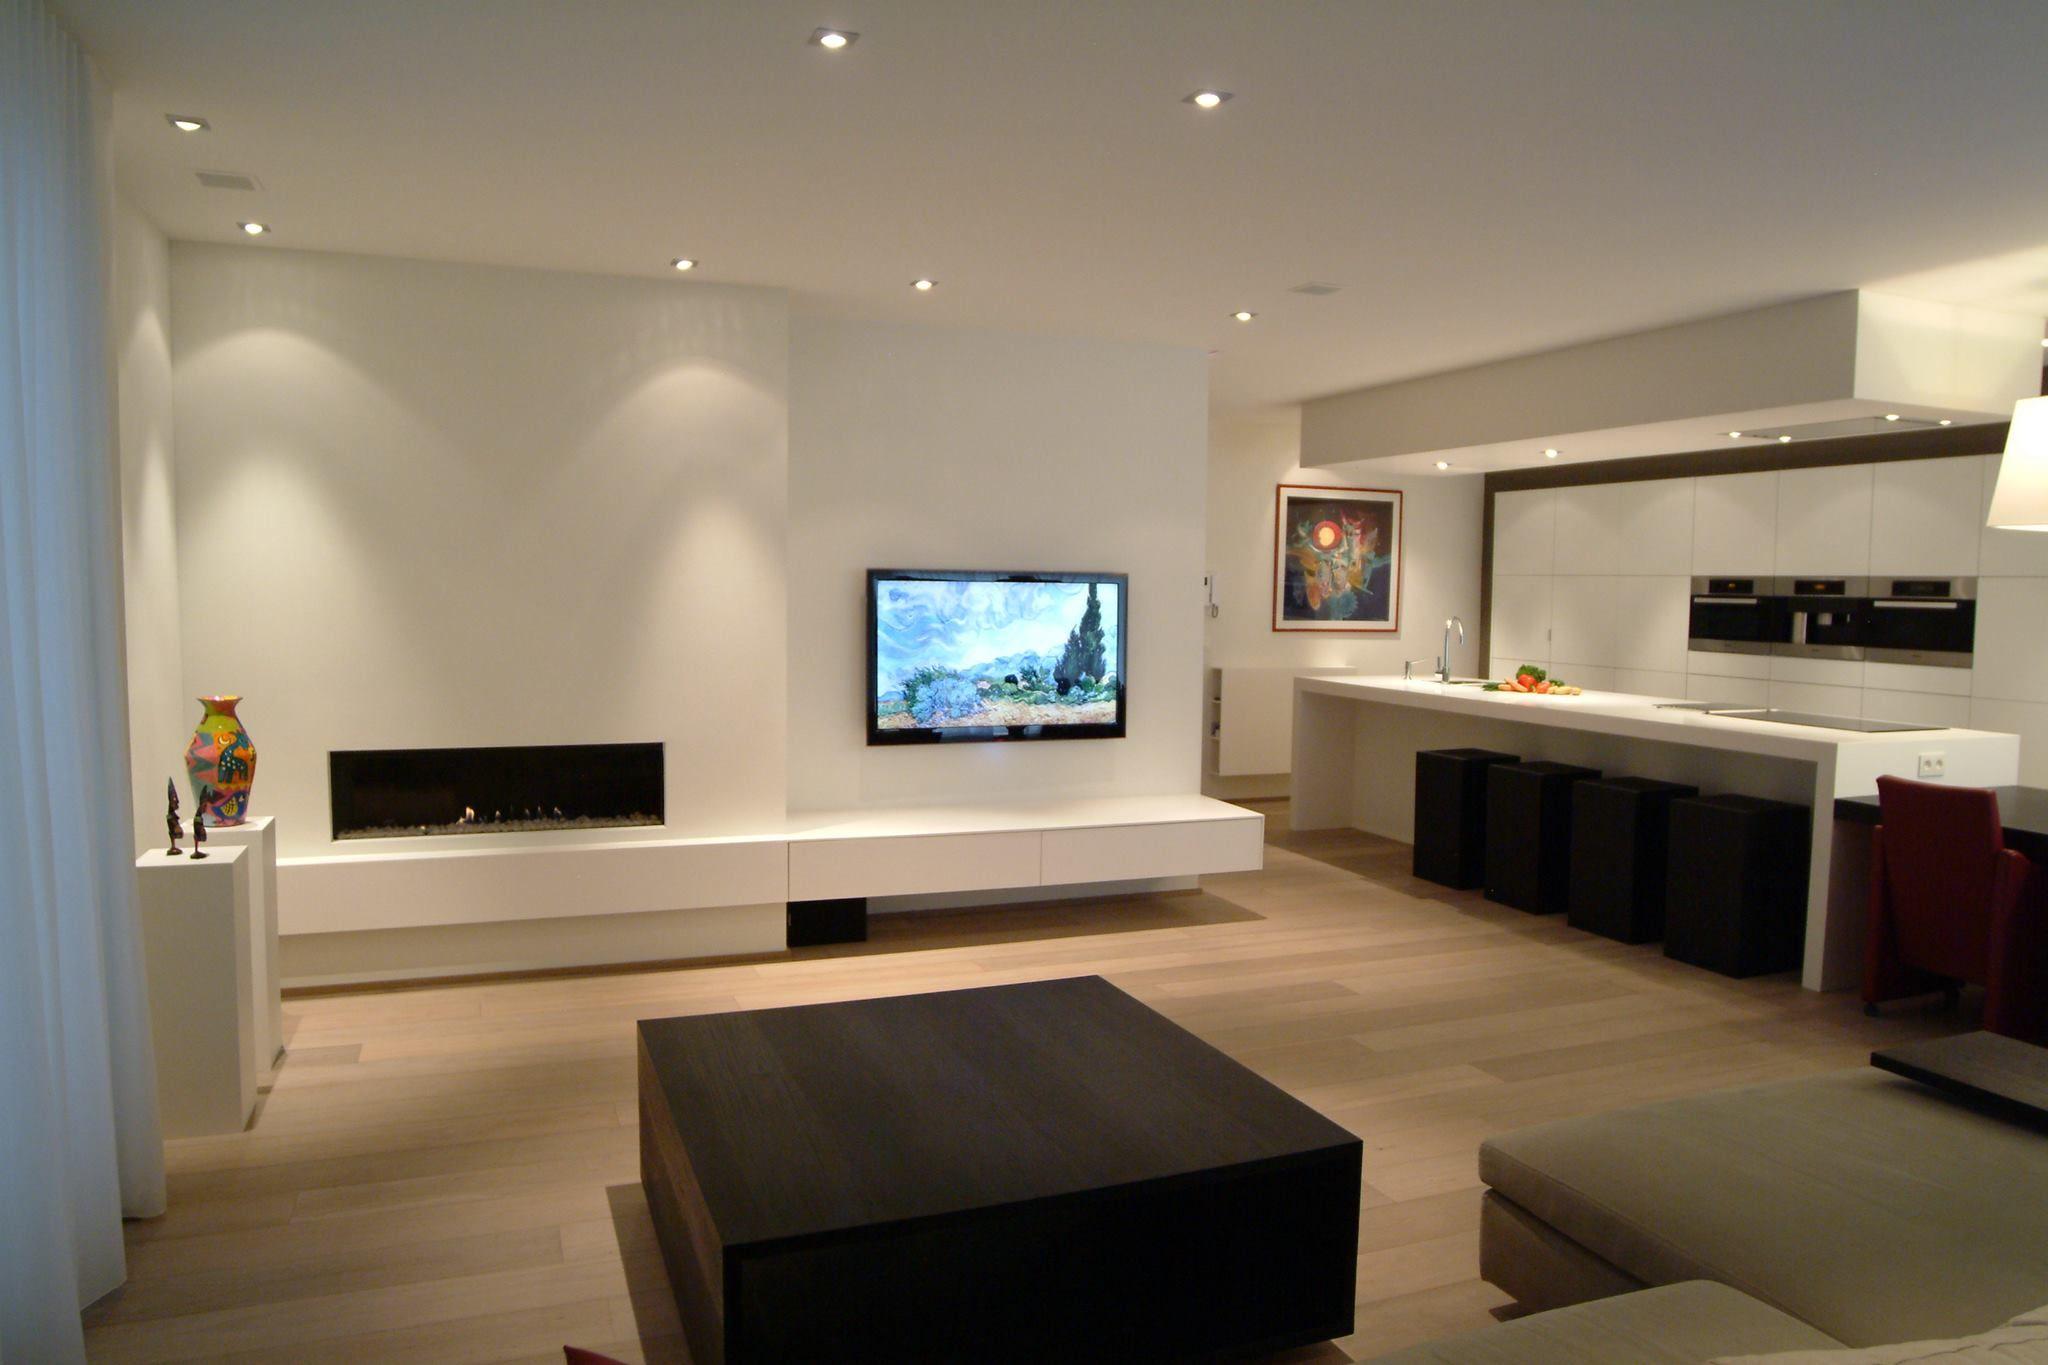 Kookeiland Open Keuken : Interieurinspiratie moderne leefruimte met open keuken in solid